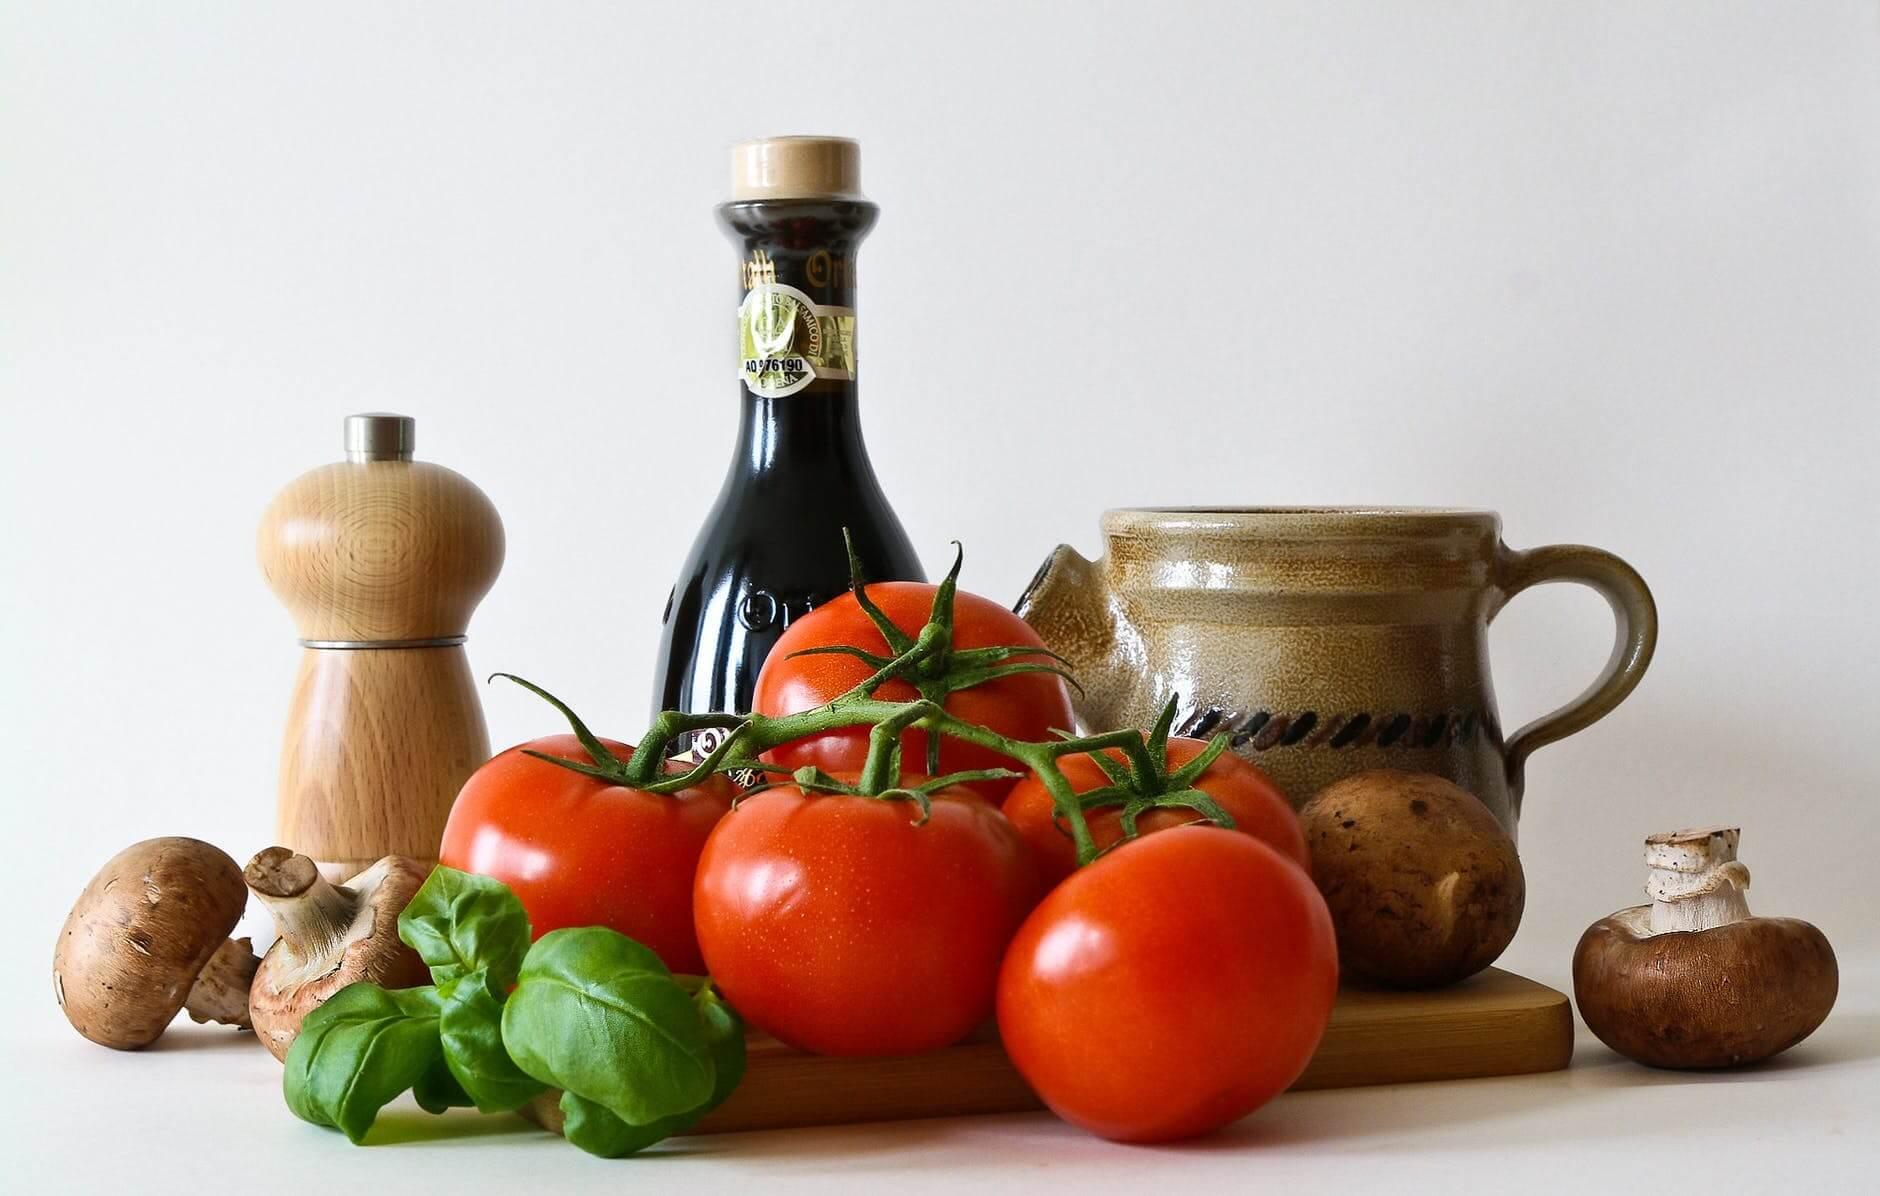 Azeite e tomate para a pizza